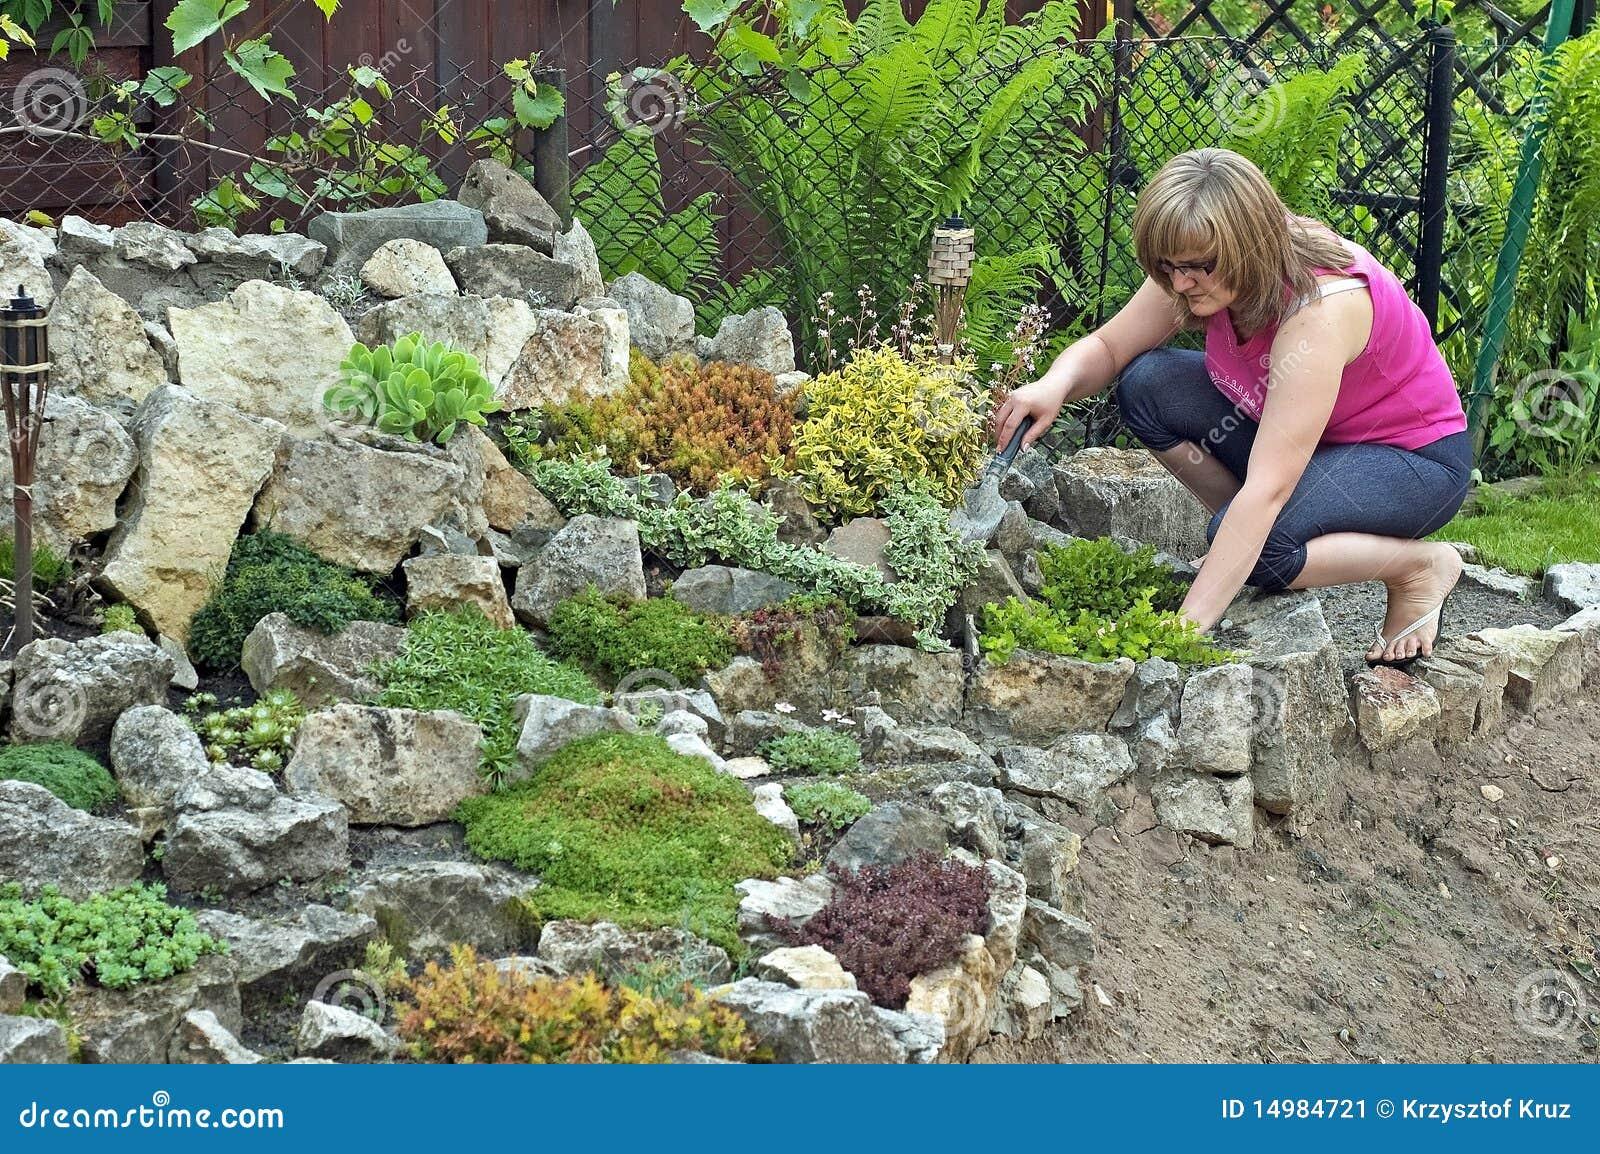 Rocce In Giardino.Giardino Di Roccia In Primavera Immagine Stock Immagine Di